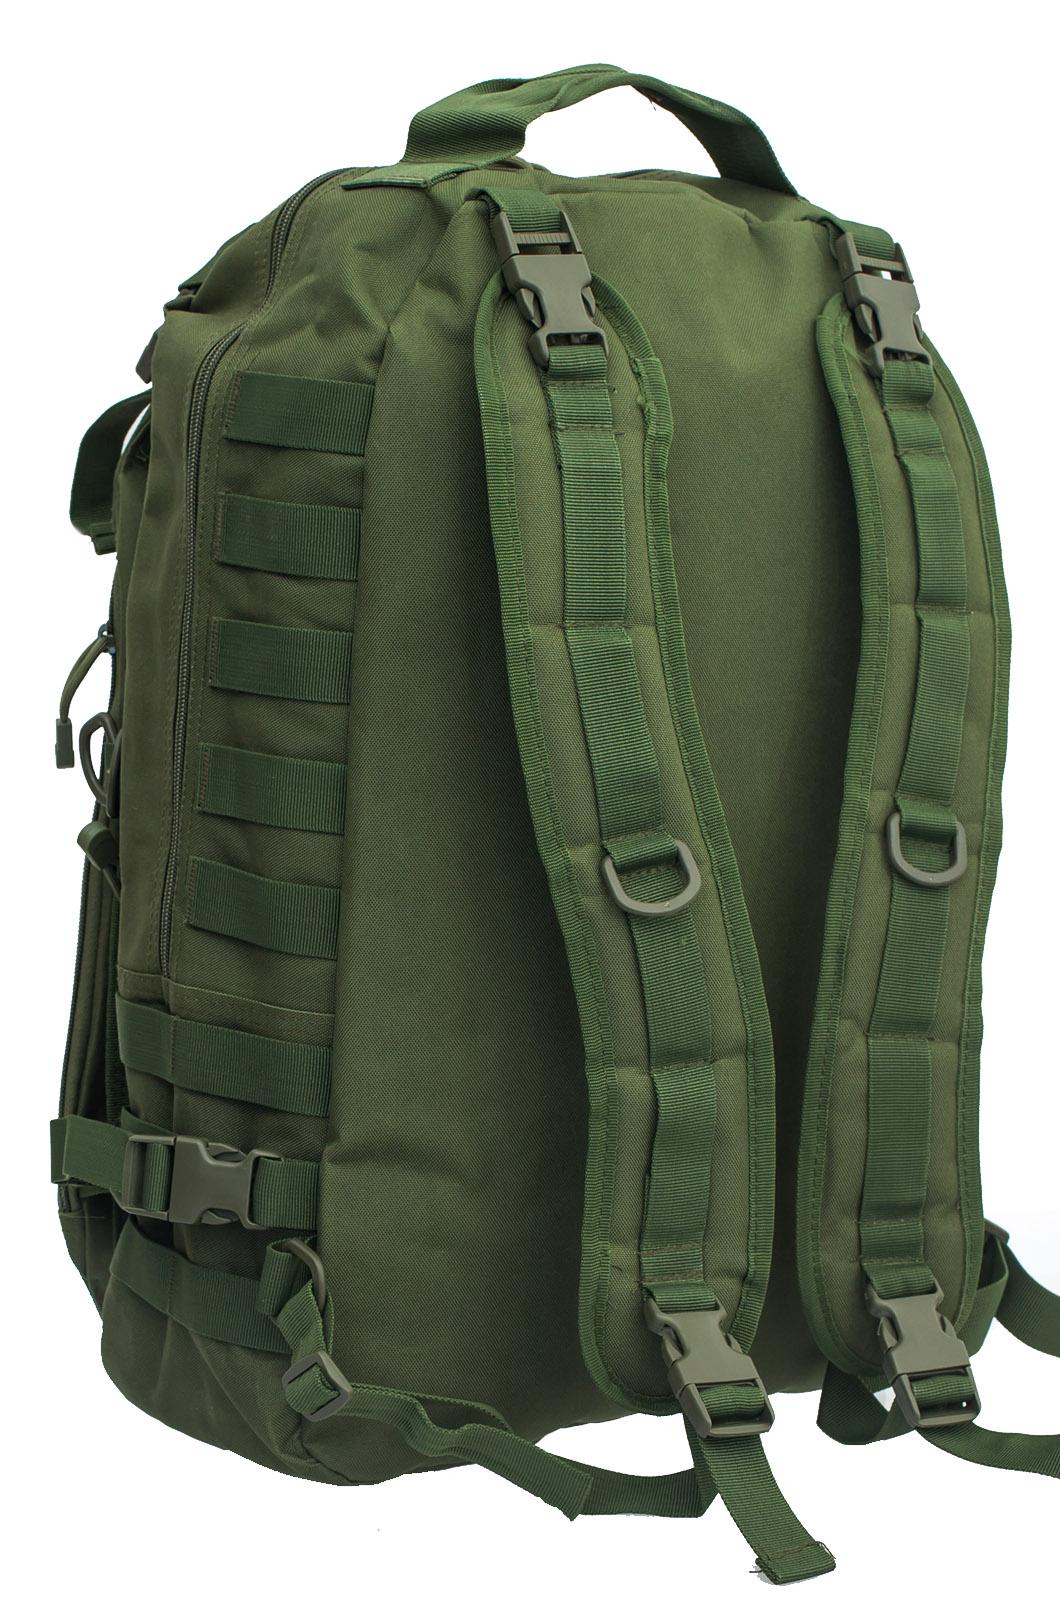 Рейдовый рюкзак хаки-олива с эмблемой СССР заказать в Военпро